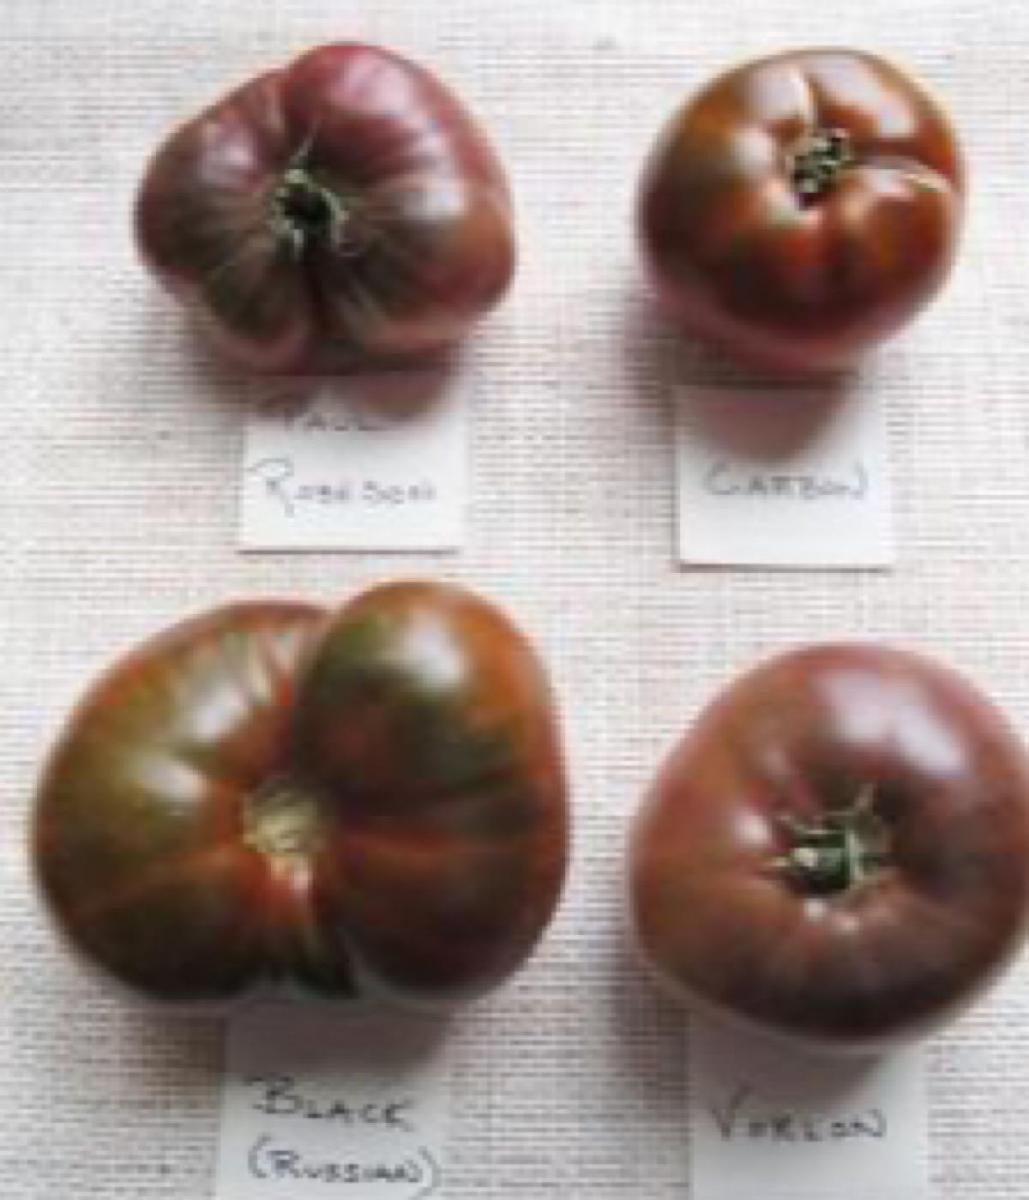 Four popular black varieties of heirloom tomatoes